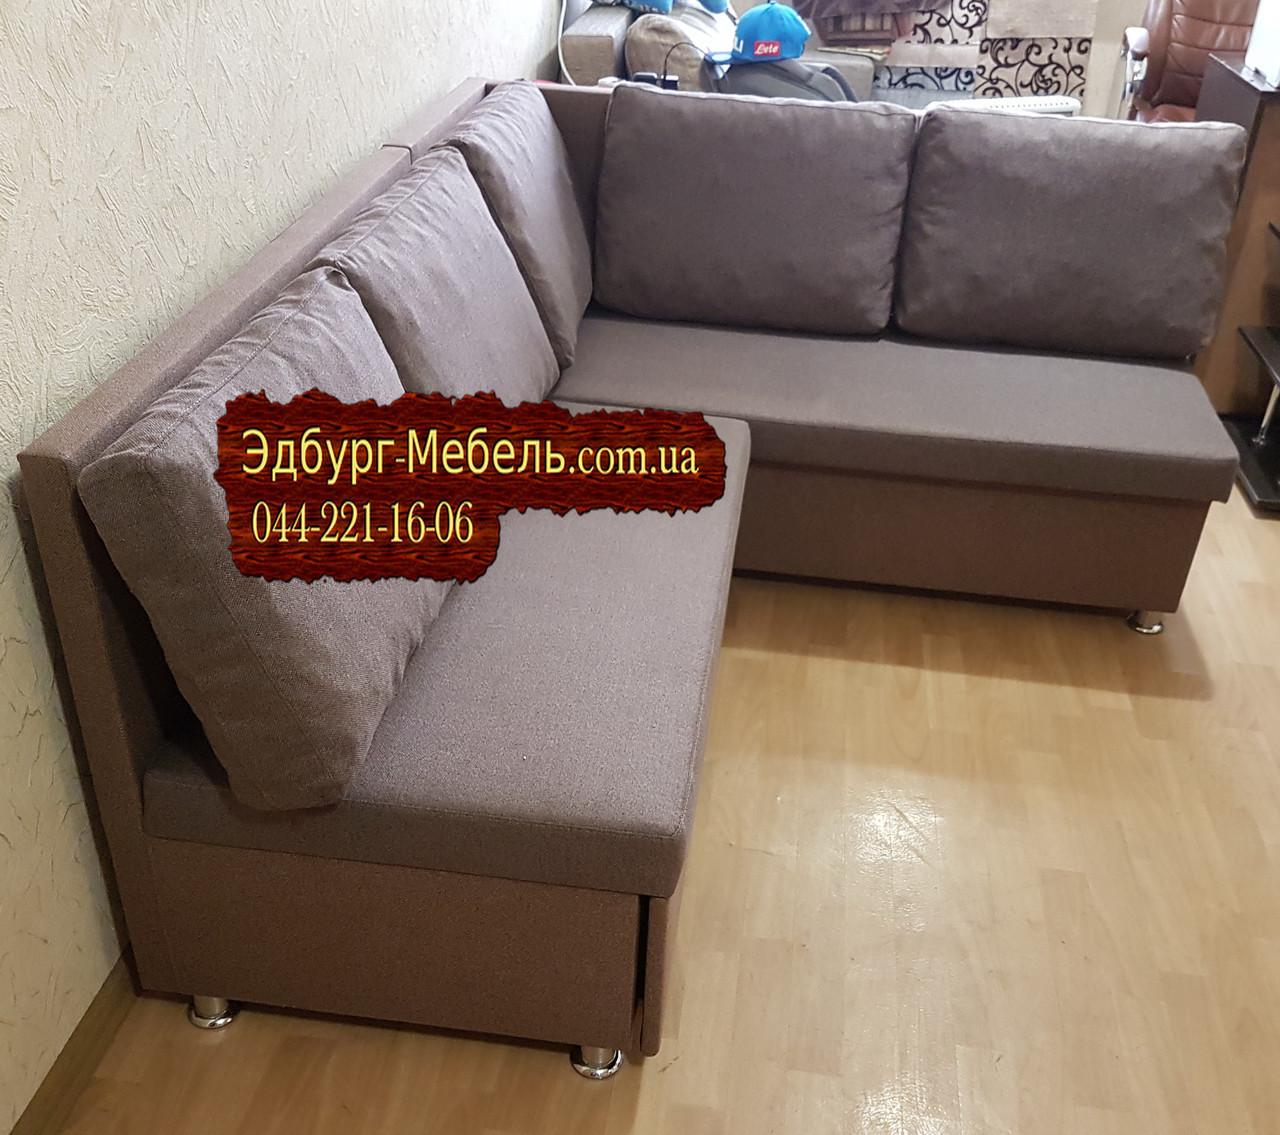 Кухонный диван «Прометей» с большими удобными подушками  1500х1800мм